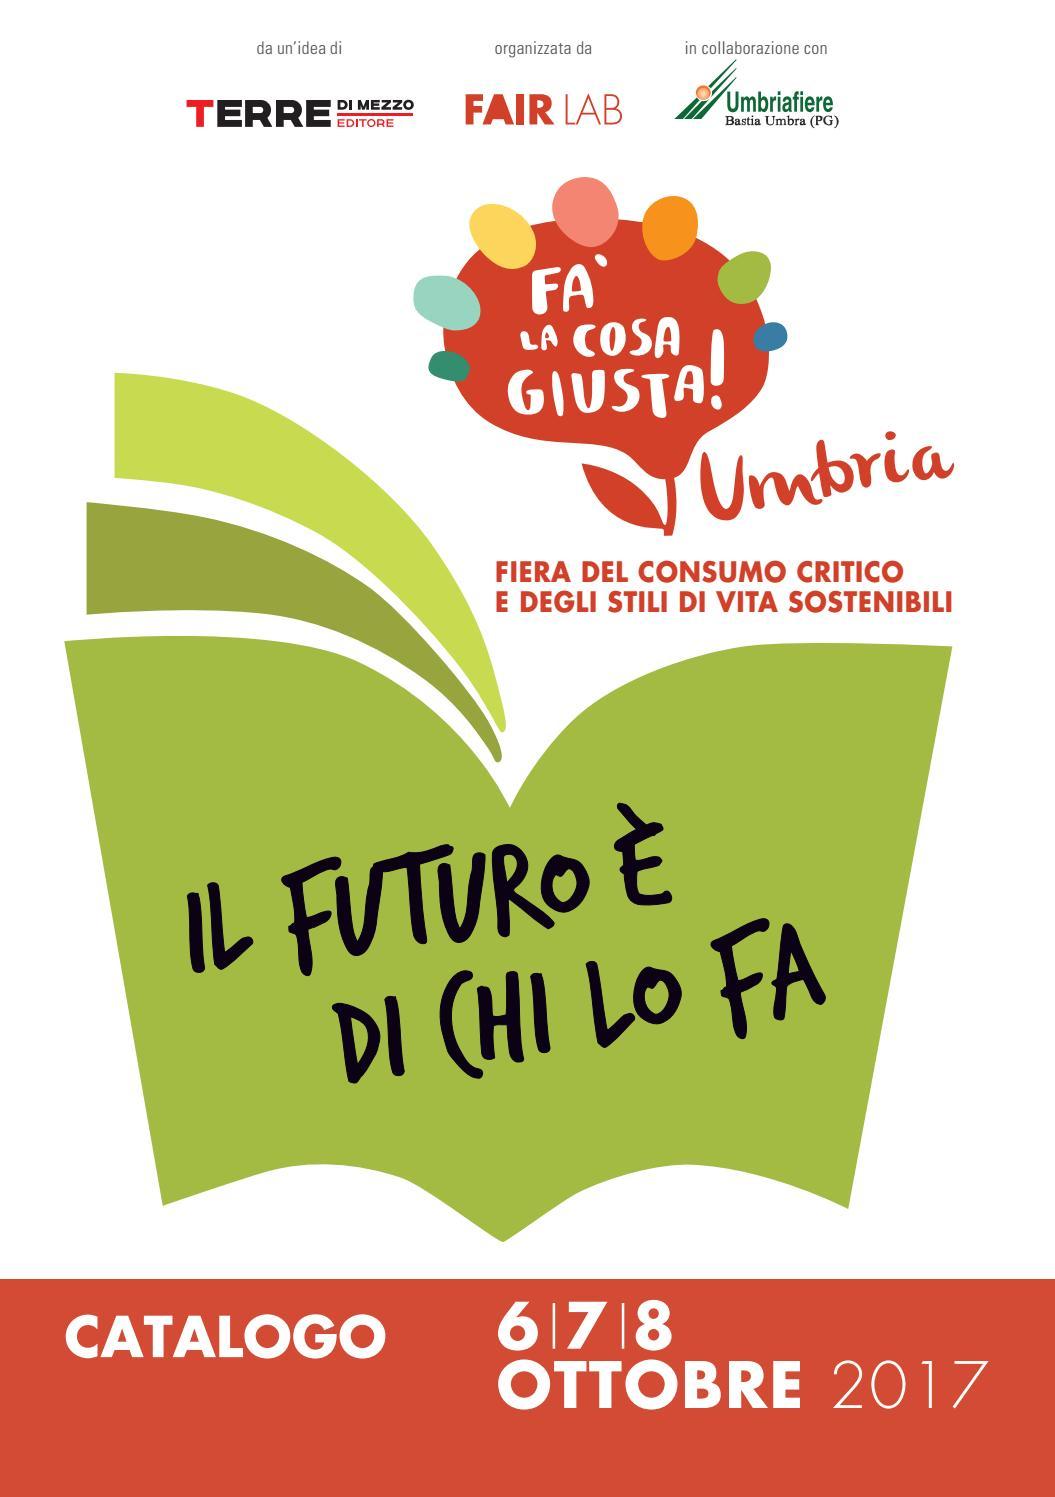 Senatori Accessori Catalogo.Catalogo Fa La Cosa Giusta Umbria 2017 By Fa La Cosa